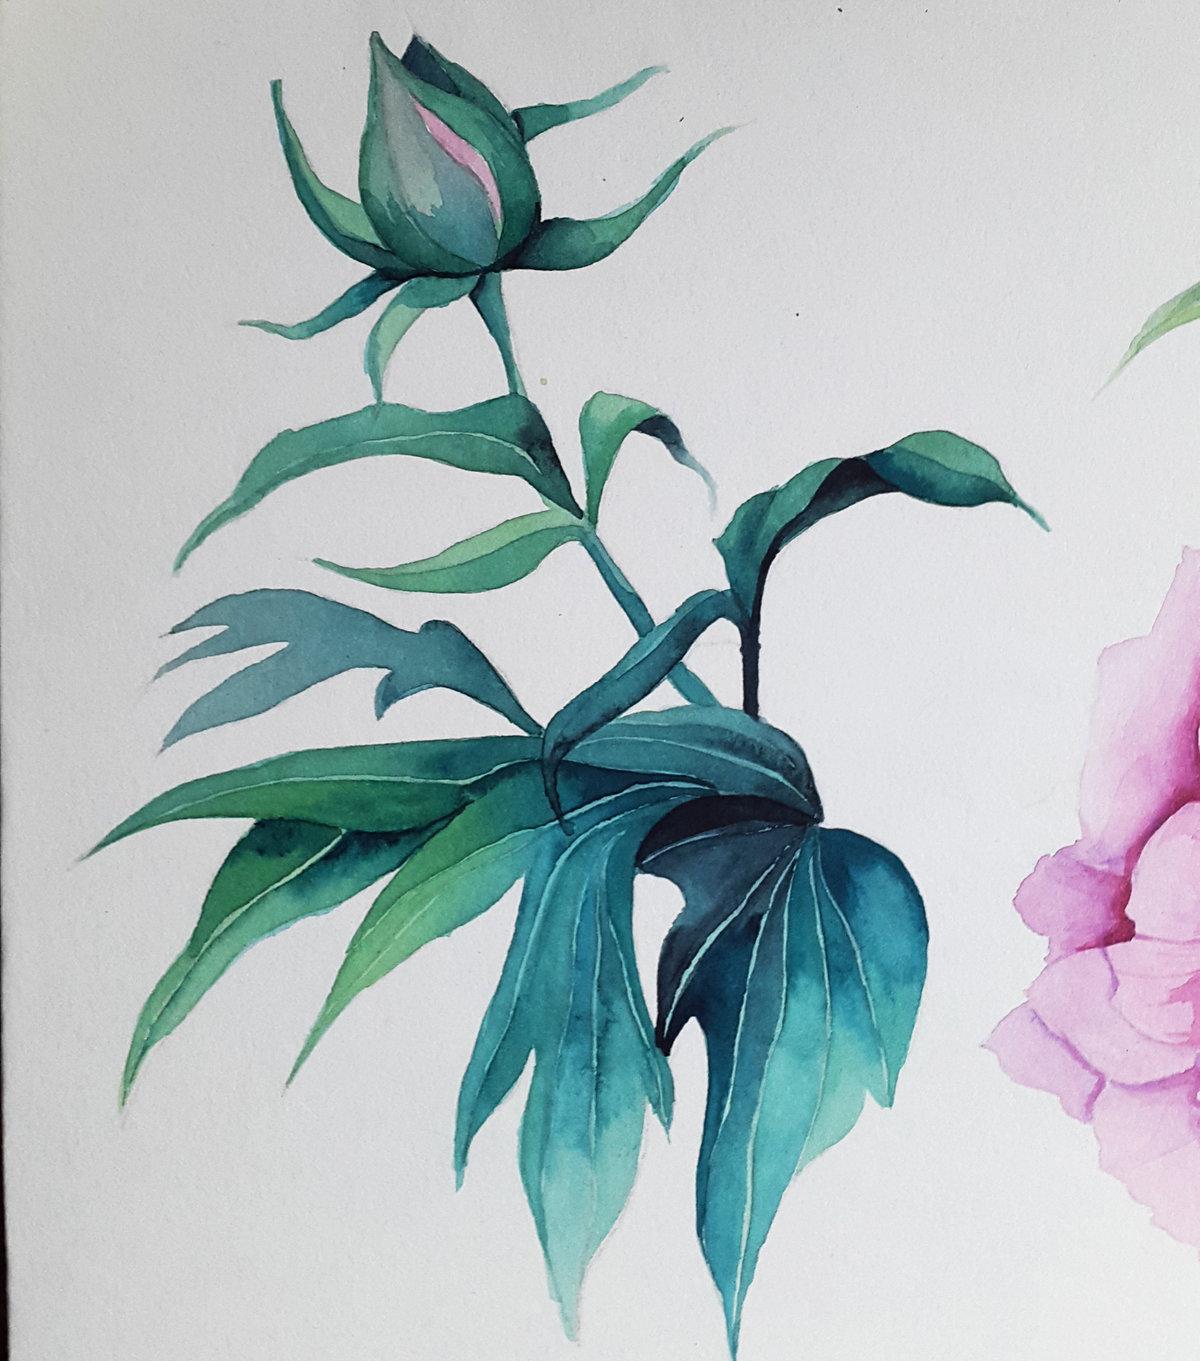 Цветы акварель картинки нарисованные, днем